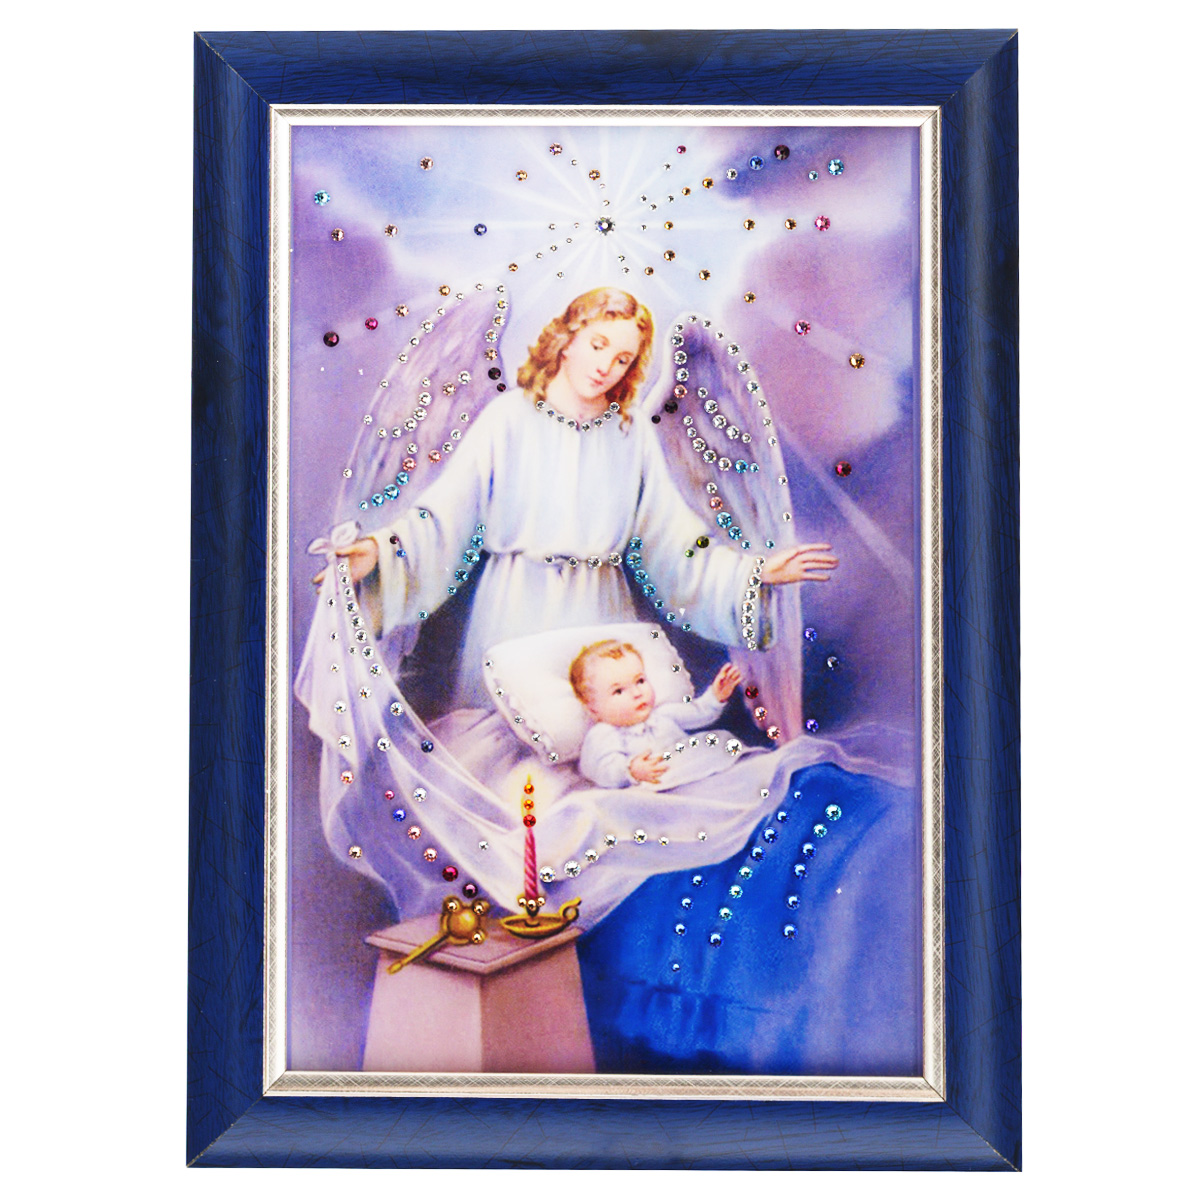 Картина с кристаллами Swarovski Ангел-защитник, 25 см х 35 см1148Изящная картина в багетной раме, инкрустирована кристаллами Swarovski, которые отличаются четкой и ровной огранкой, ярким блеском и чистотой цвета. Красочное изображение ангелочка и ребенка, расположенное под стеклом, прекрасно дополняет блеск кристаллов. С обратной стороны имеется металлическая проволока для размещения картины на стене. Картина с кристаллами Swarovski Ангел-защитник элегантно украсит интерьер дома или офиса, а также станет прекрасным подарком, который обязательно понравится получателю. Блеск кристаллов в интерьере, что может быть сказочнее и удивительнее. Картина упакована в подарочную картонную коробку синего цвета и комплектуется сертификатом соответствия Swarovski.